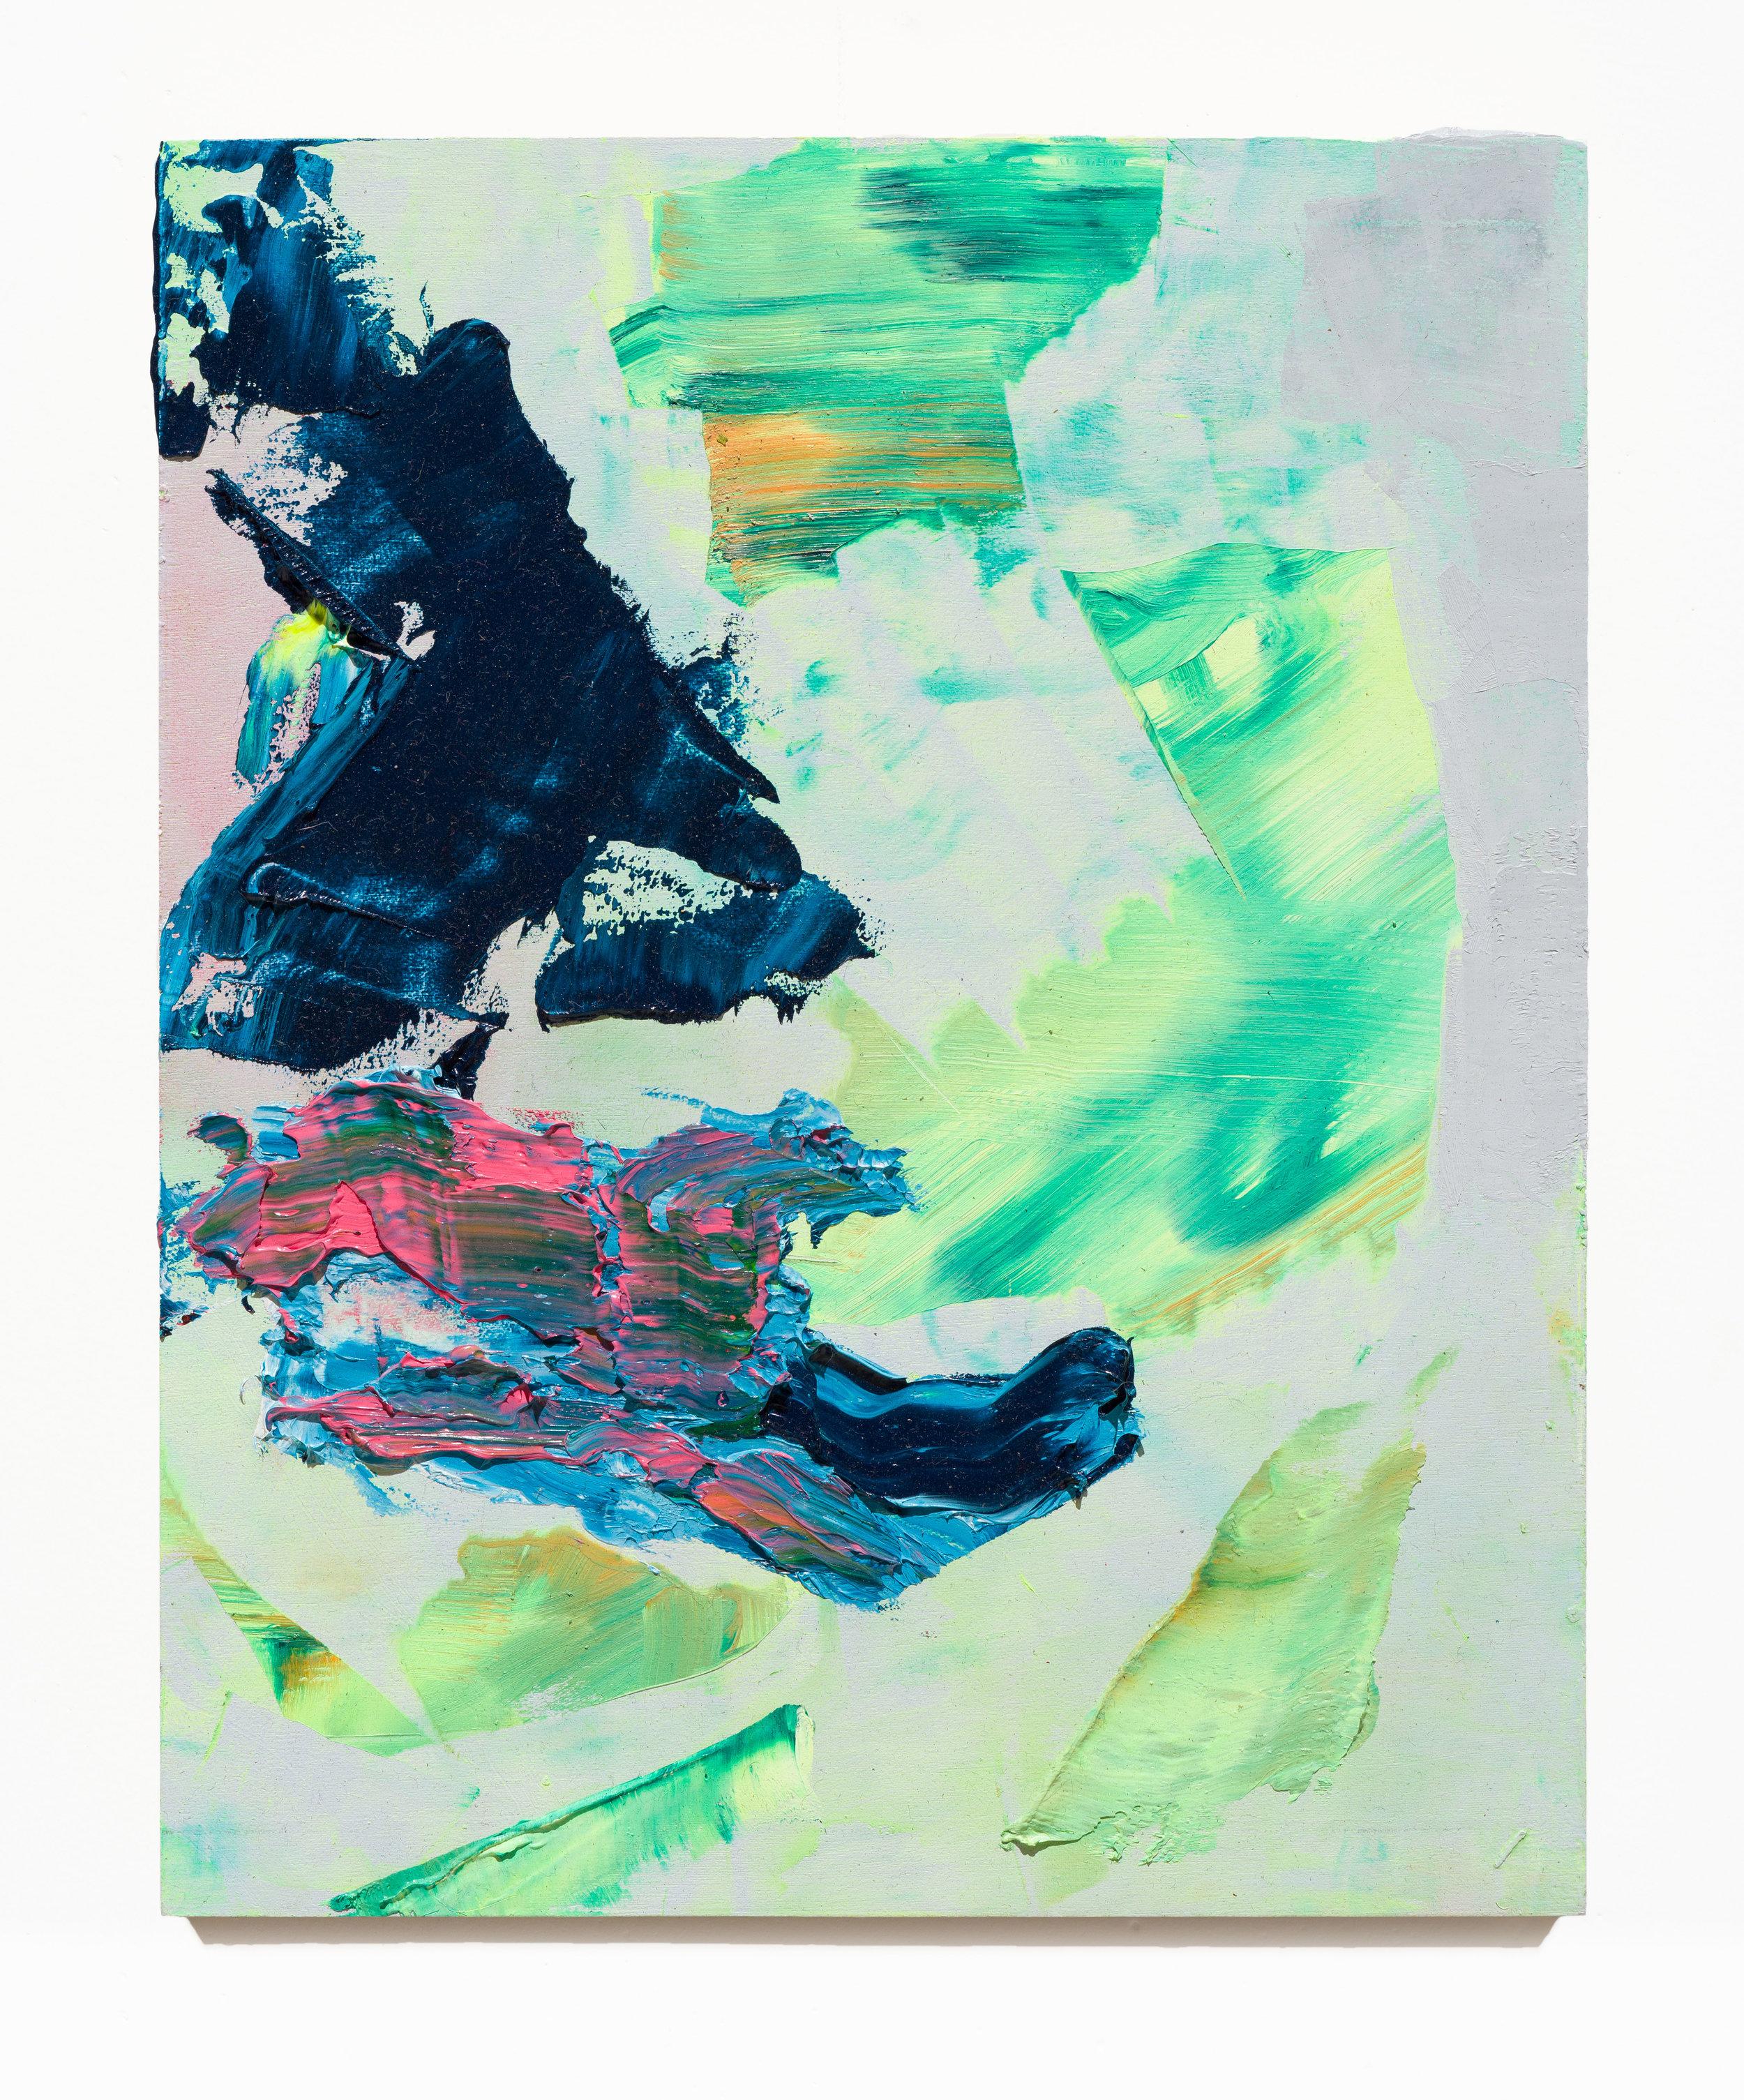 Alexander Kroll Collag e, 2016 oil on panel 20,3 x 15,2 cm - 8 x 6 in